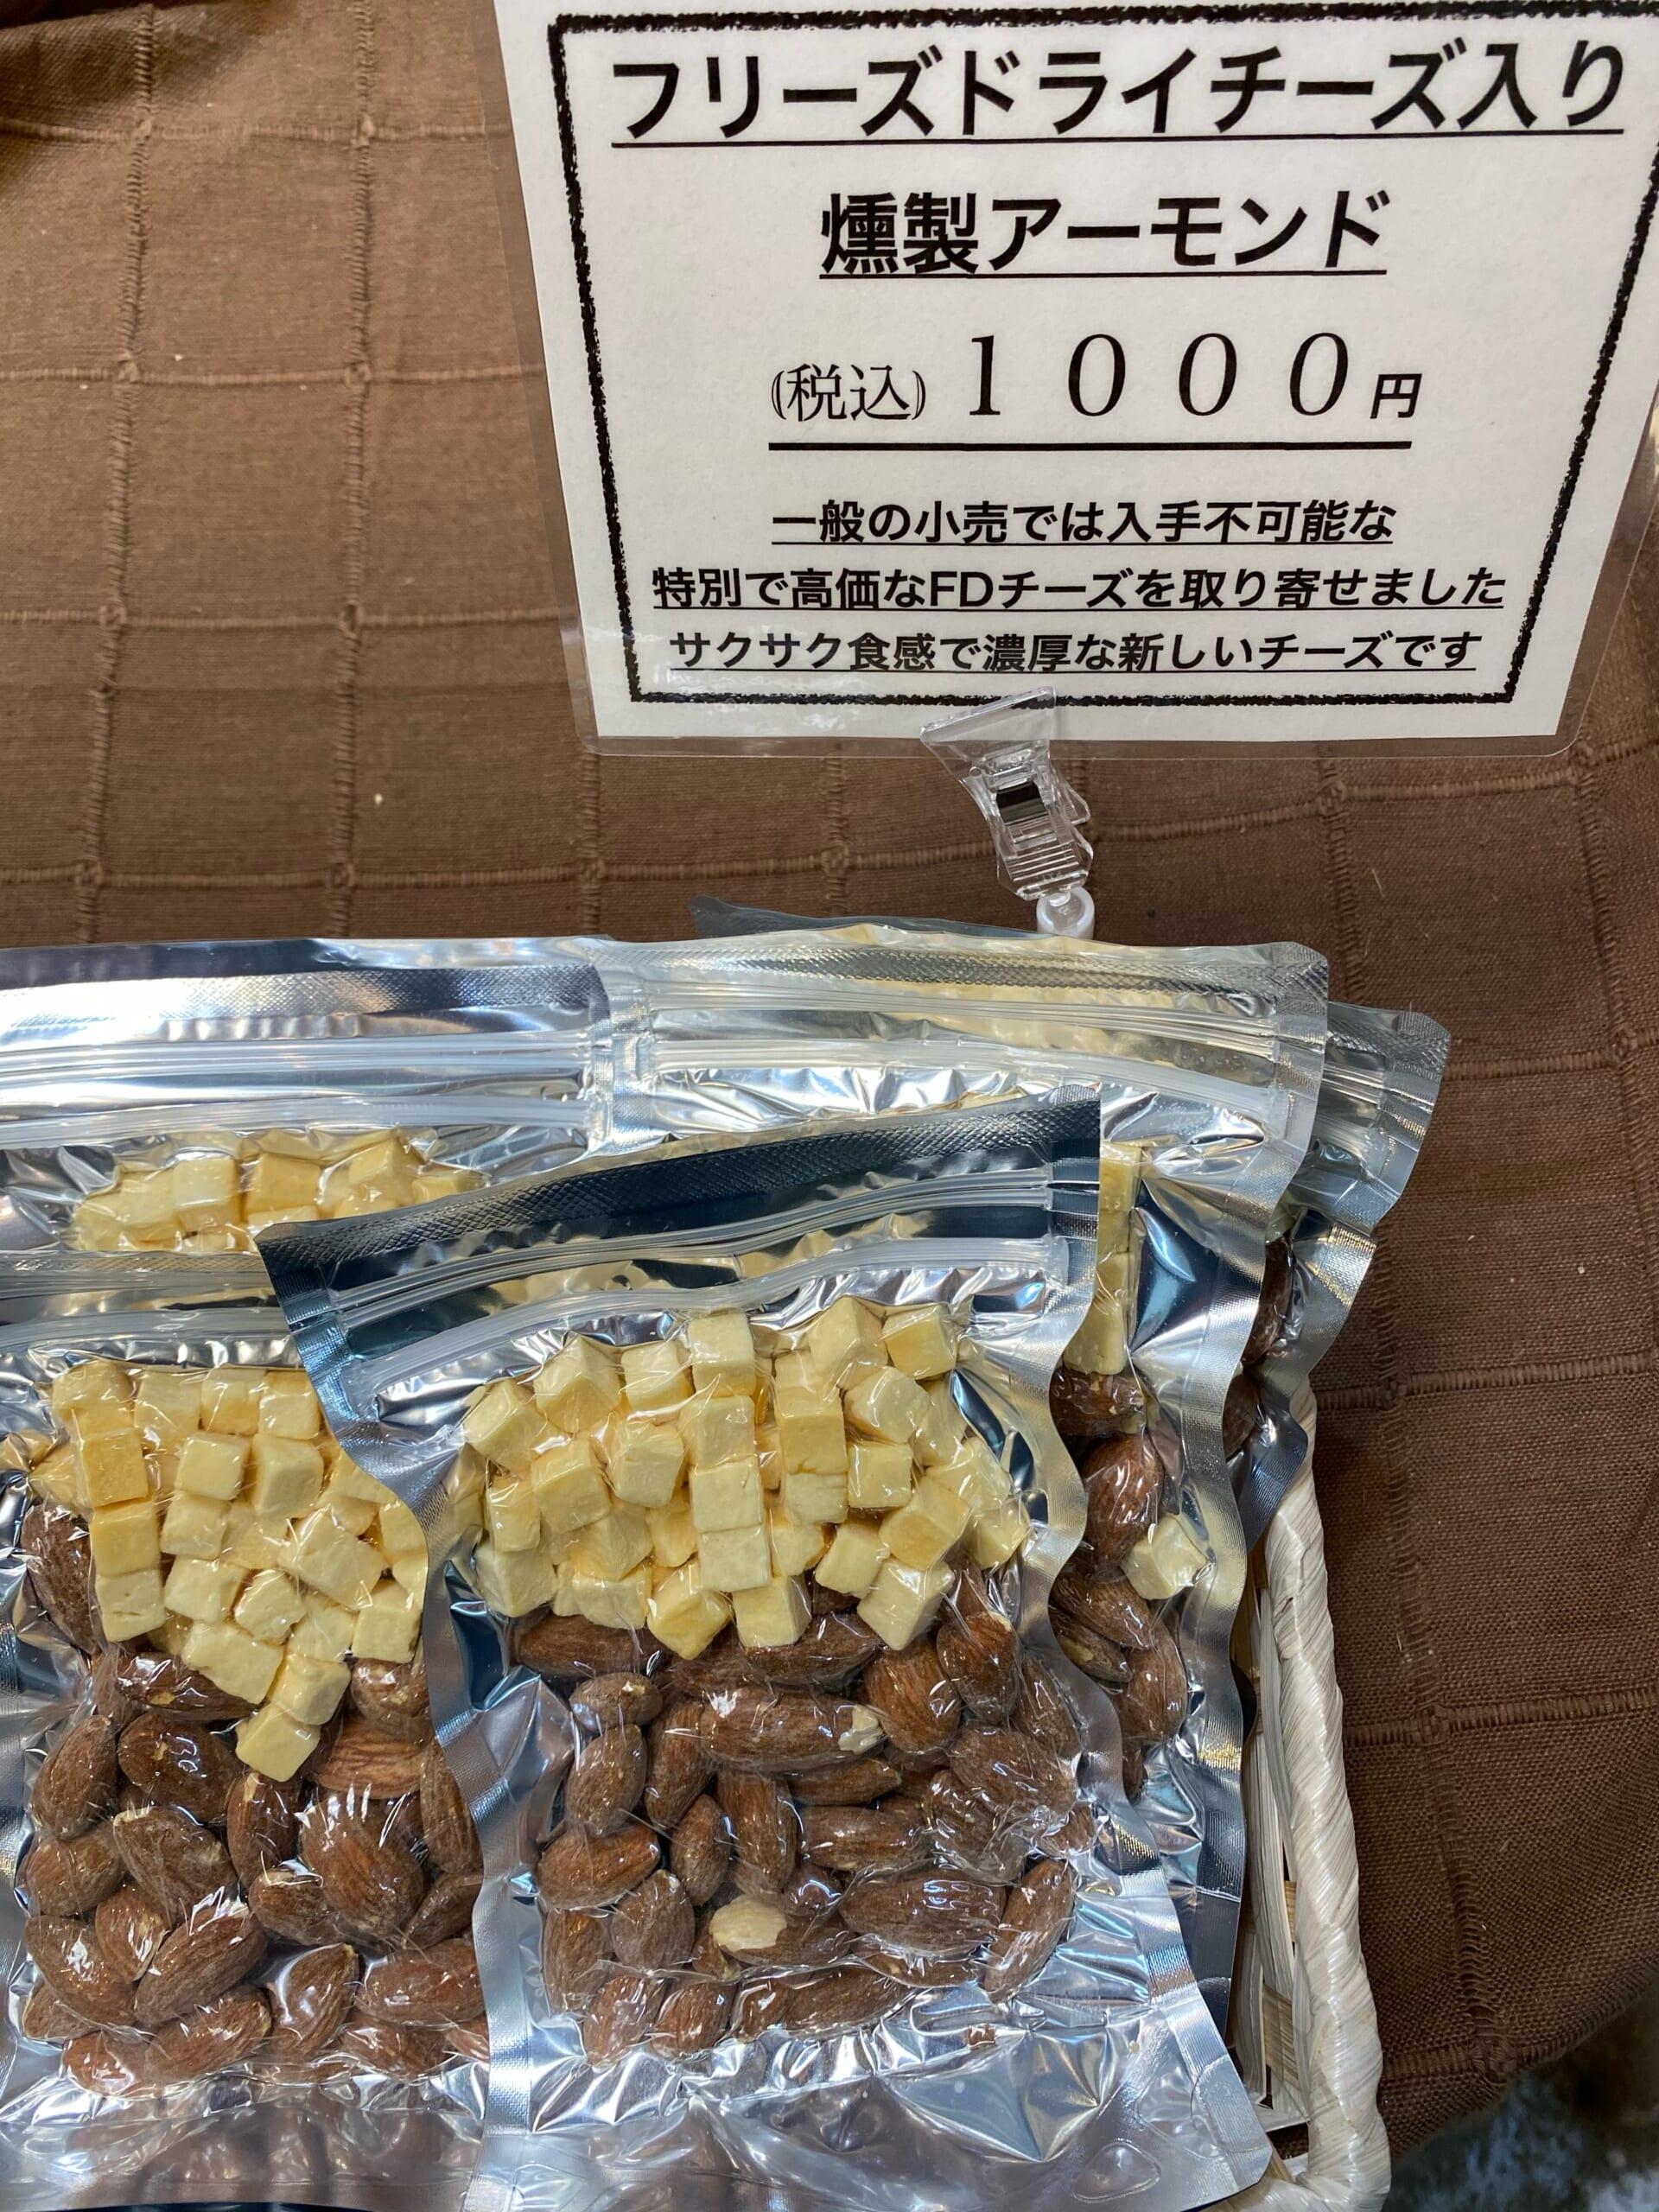 新商品!フリーズドライチーズ入り燻製アーモンド【燻製処 いぶしや】